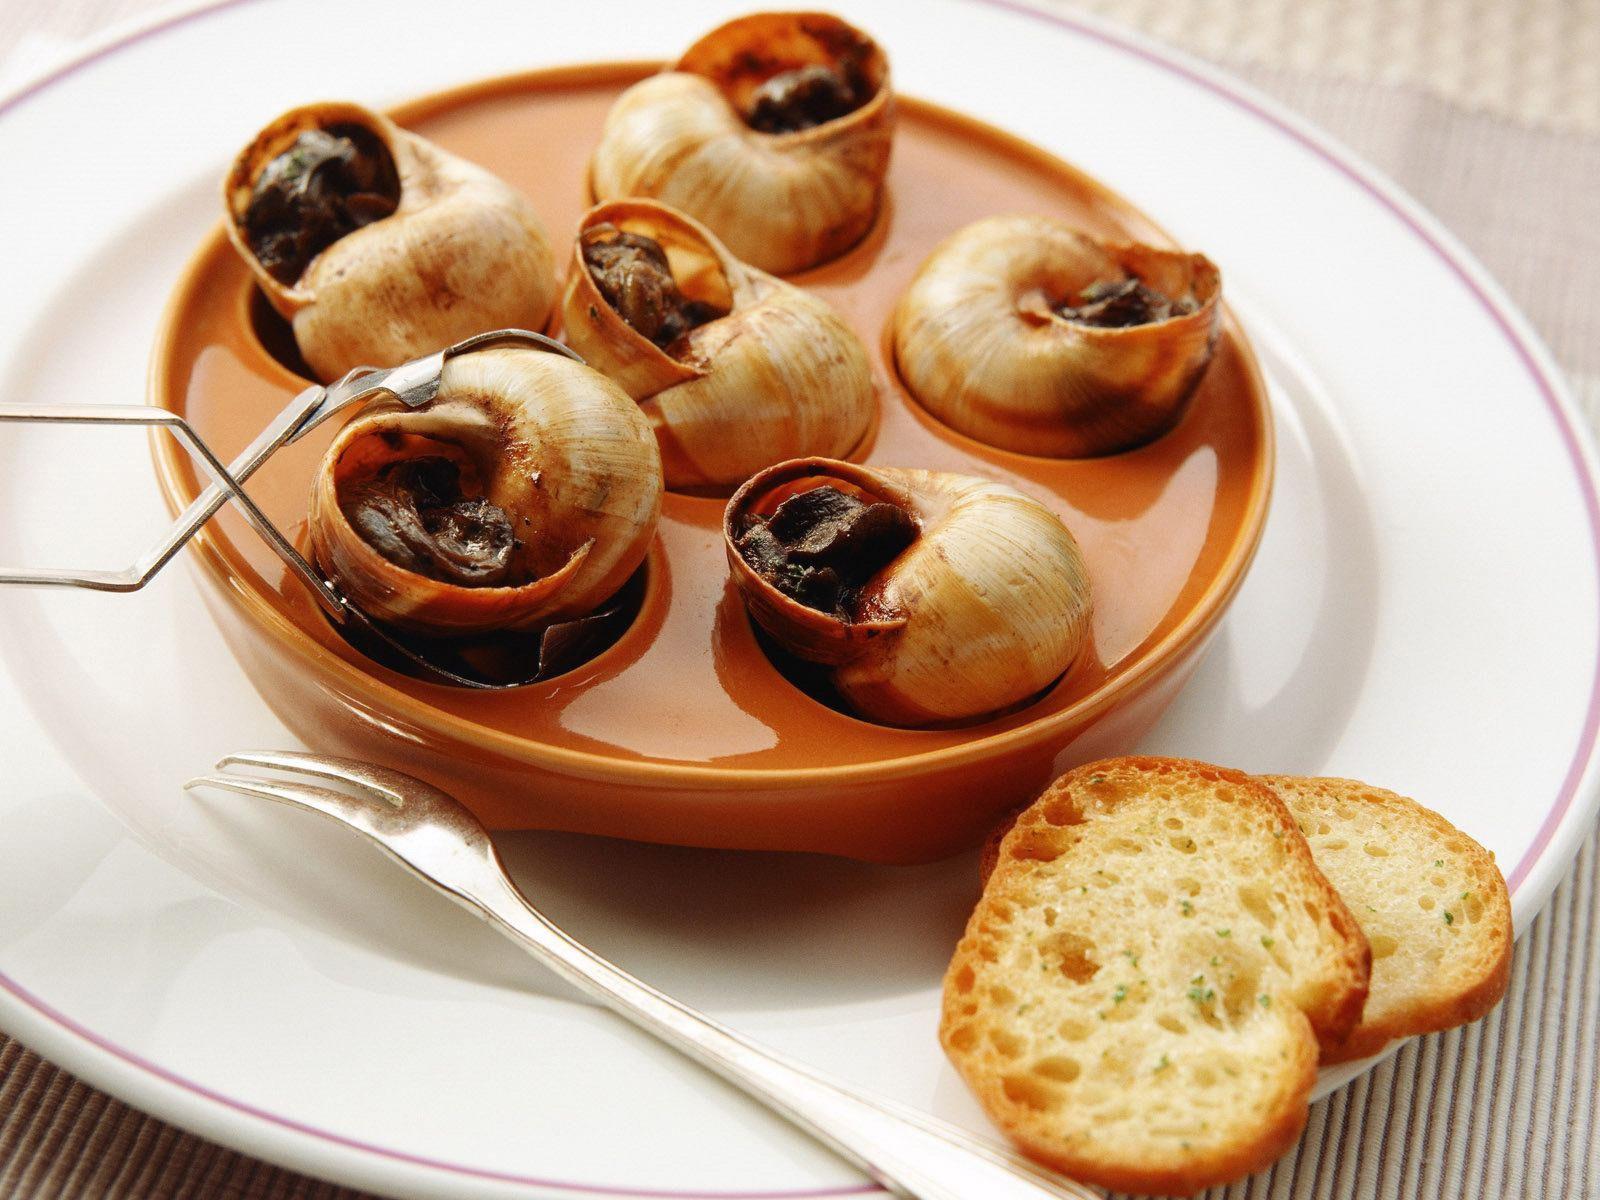 圖片搜尋: 法國菜